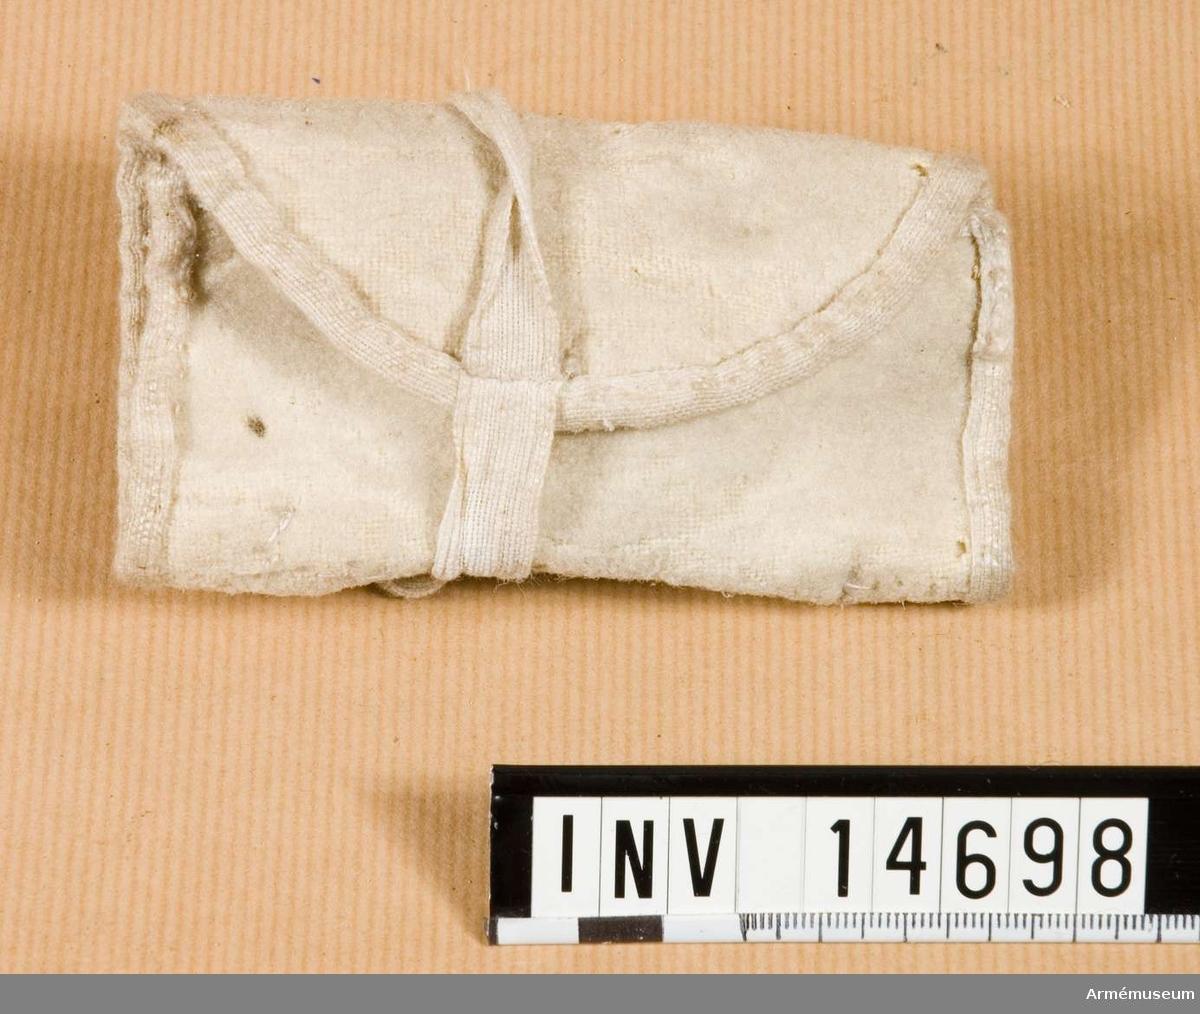 Grupp nr C II. Samhörande nr är 14697-14707. Syväska. England. Sysäck av vitt kläde med två fickor för tråd, nålar, knappar och fingerborg (som är av järn). Säcken stänges med två bomullsband.